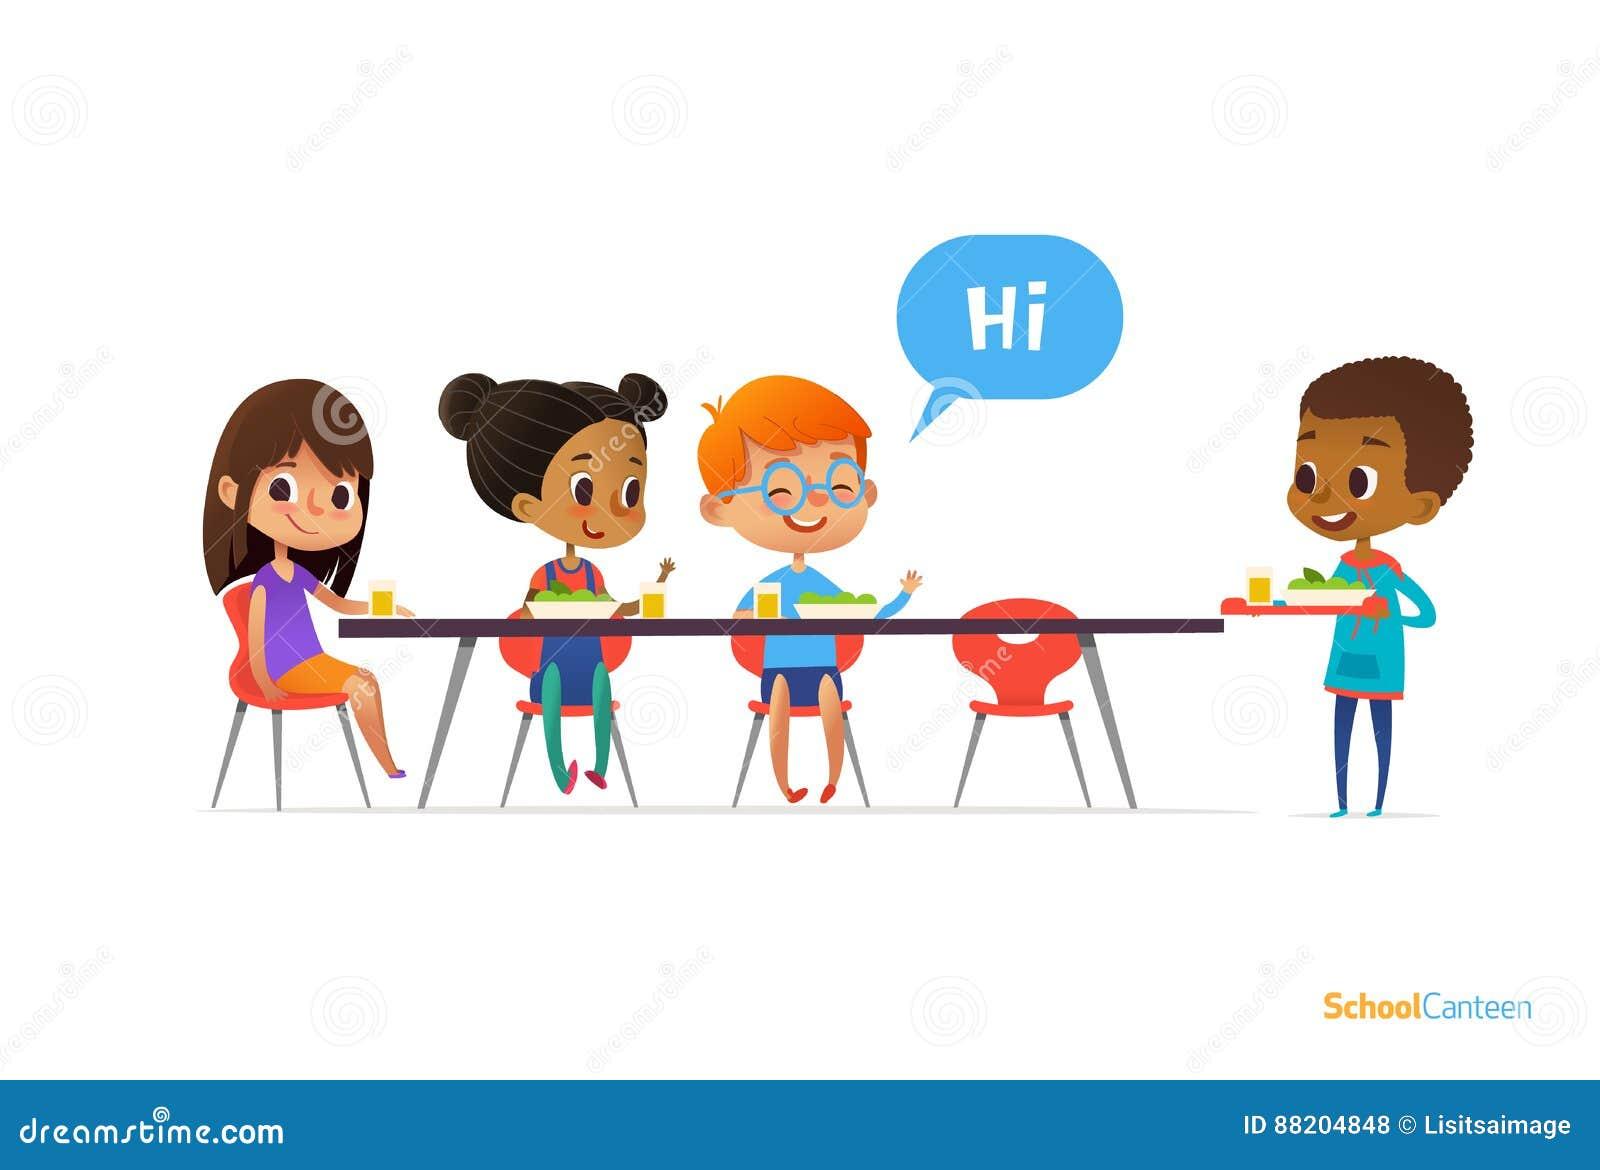 招呼多种族的孩子坐在学校军用餐具的桌上和拿着盘子用食物的新来者男孩 儿童s关系骗局